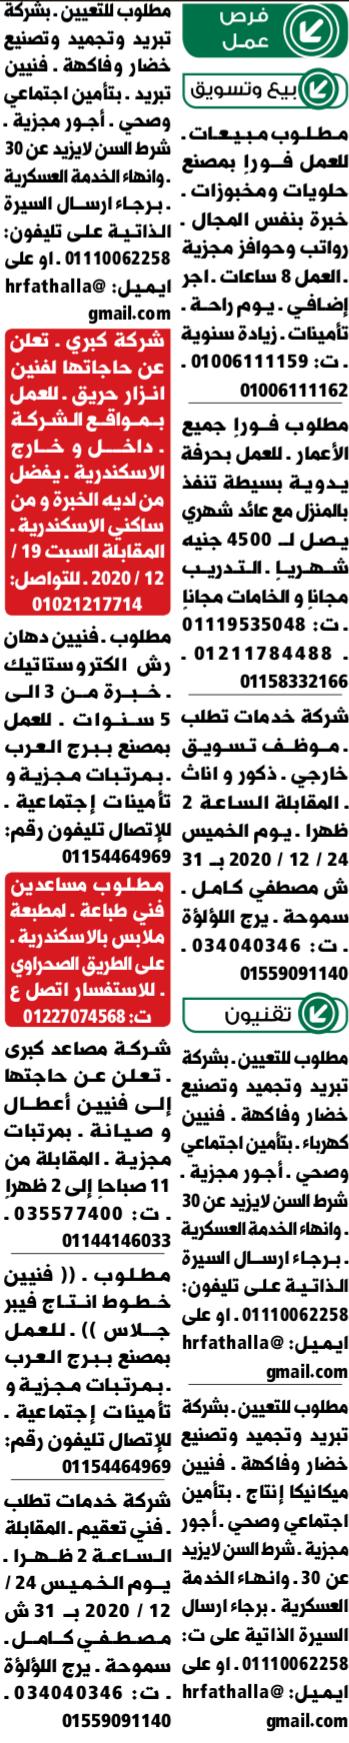 وظائف الوسيط اليوم 21/12/2020 نسخة الاسكندرية 6